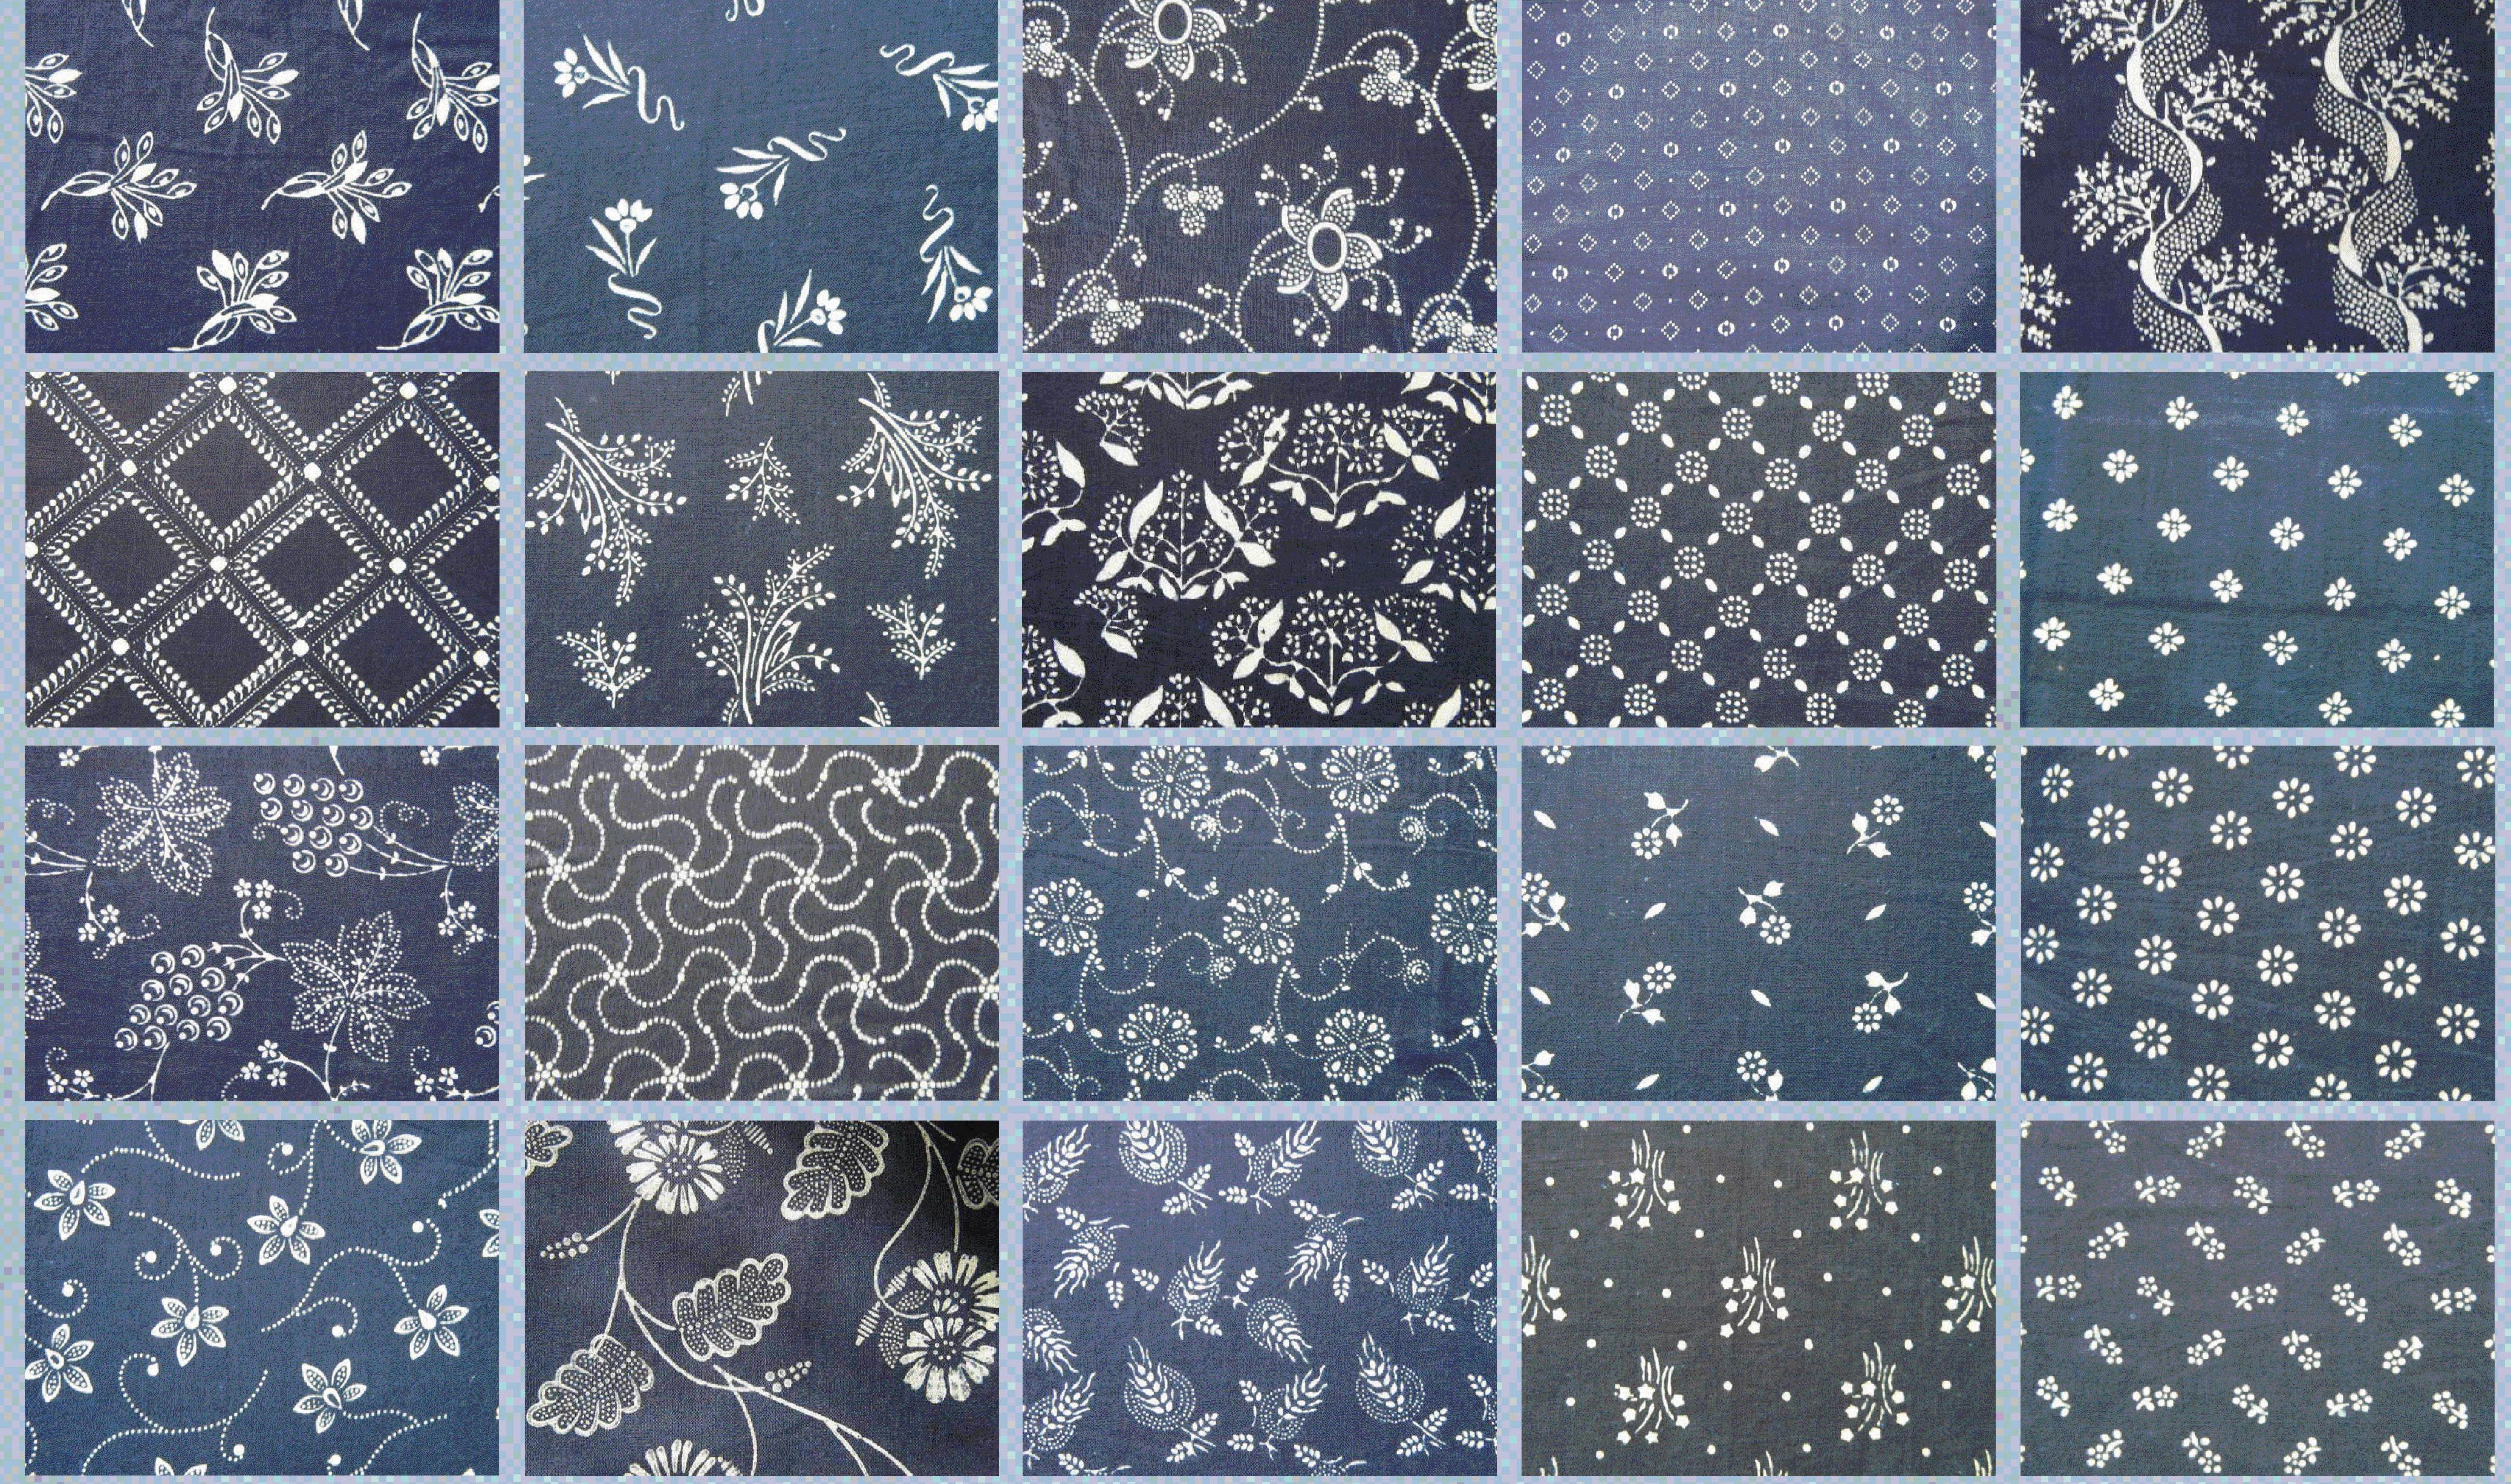 Jak vytvořit kresby stuh na tkanině. Kansassk styl v interiru - vyrbme obrazy z psky